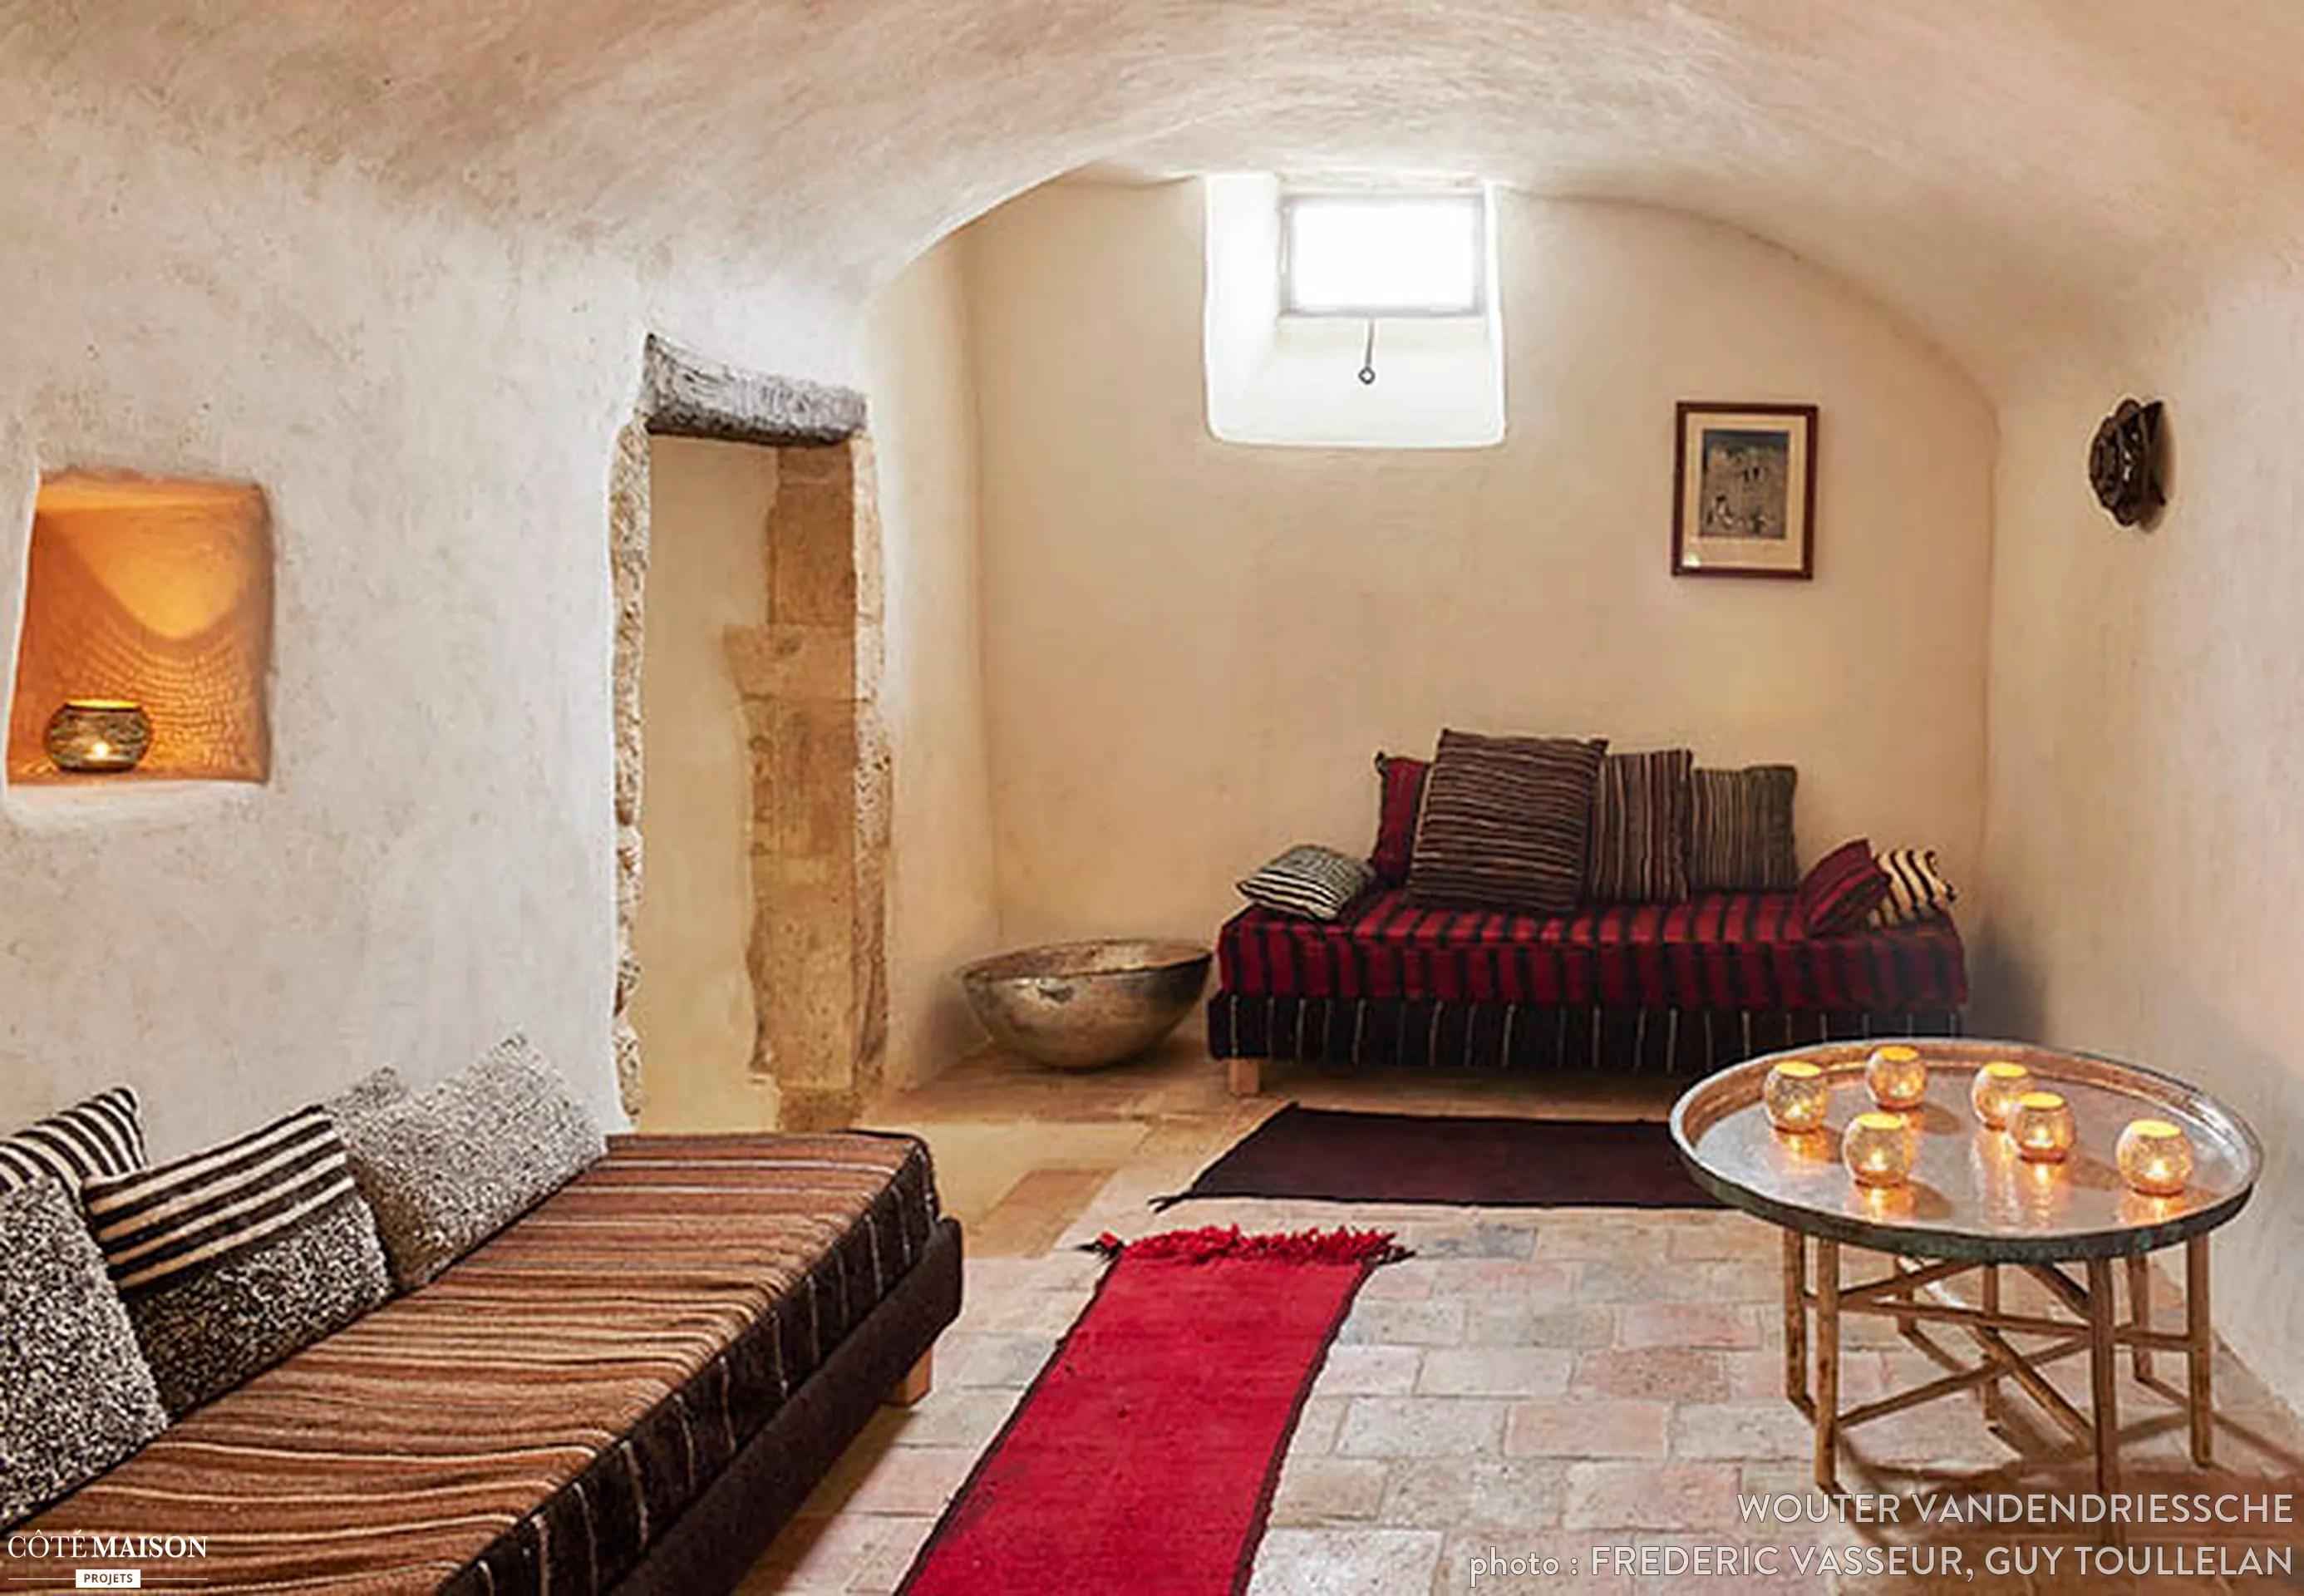 La Maison dUlysse maison dhtes dans le Gard Wouter Vandendriessche  Ct Maison